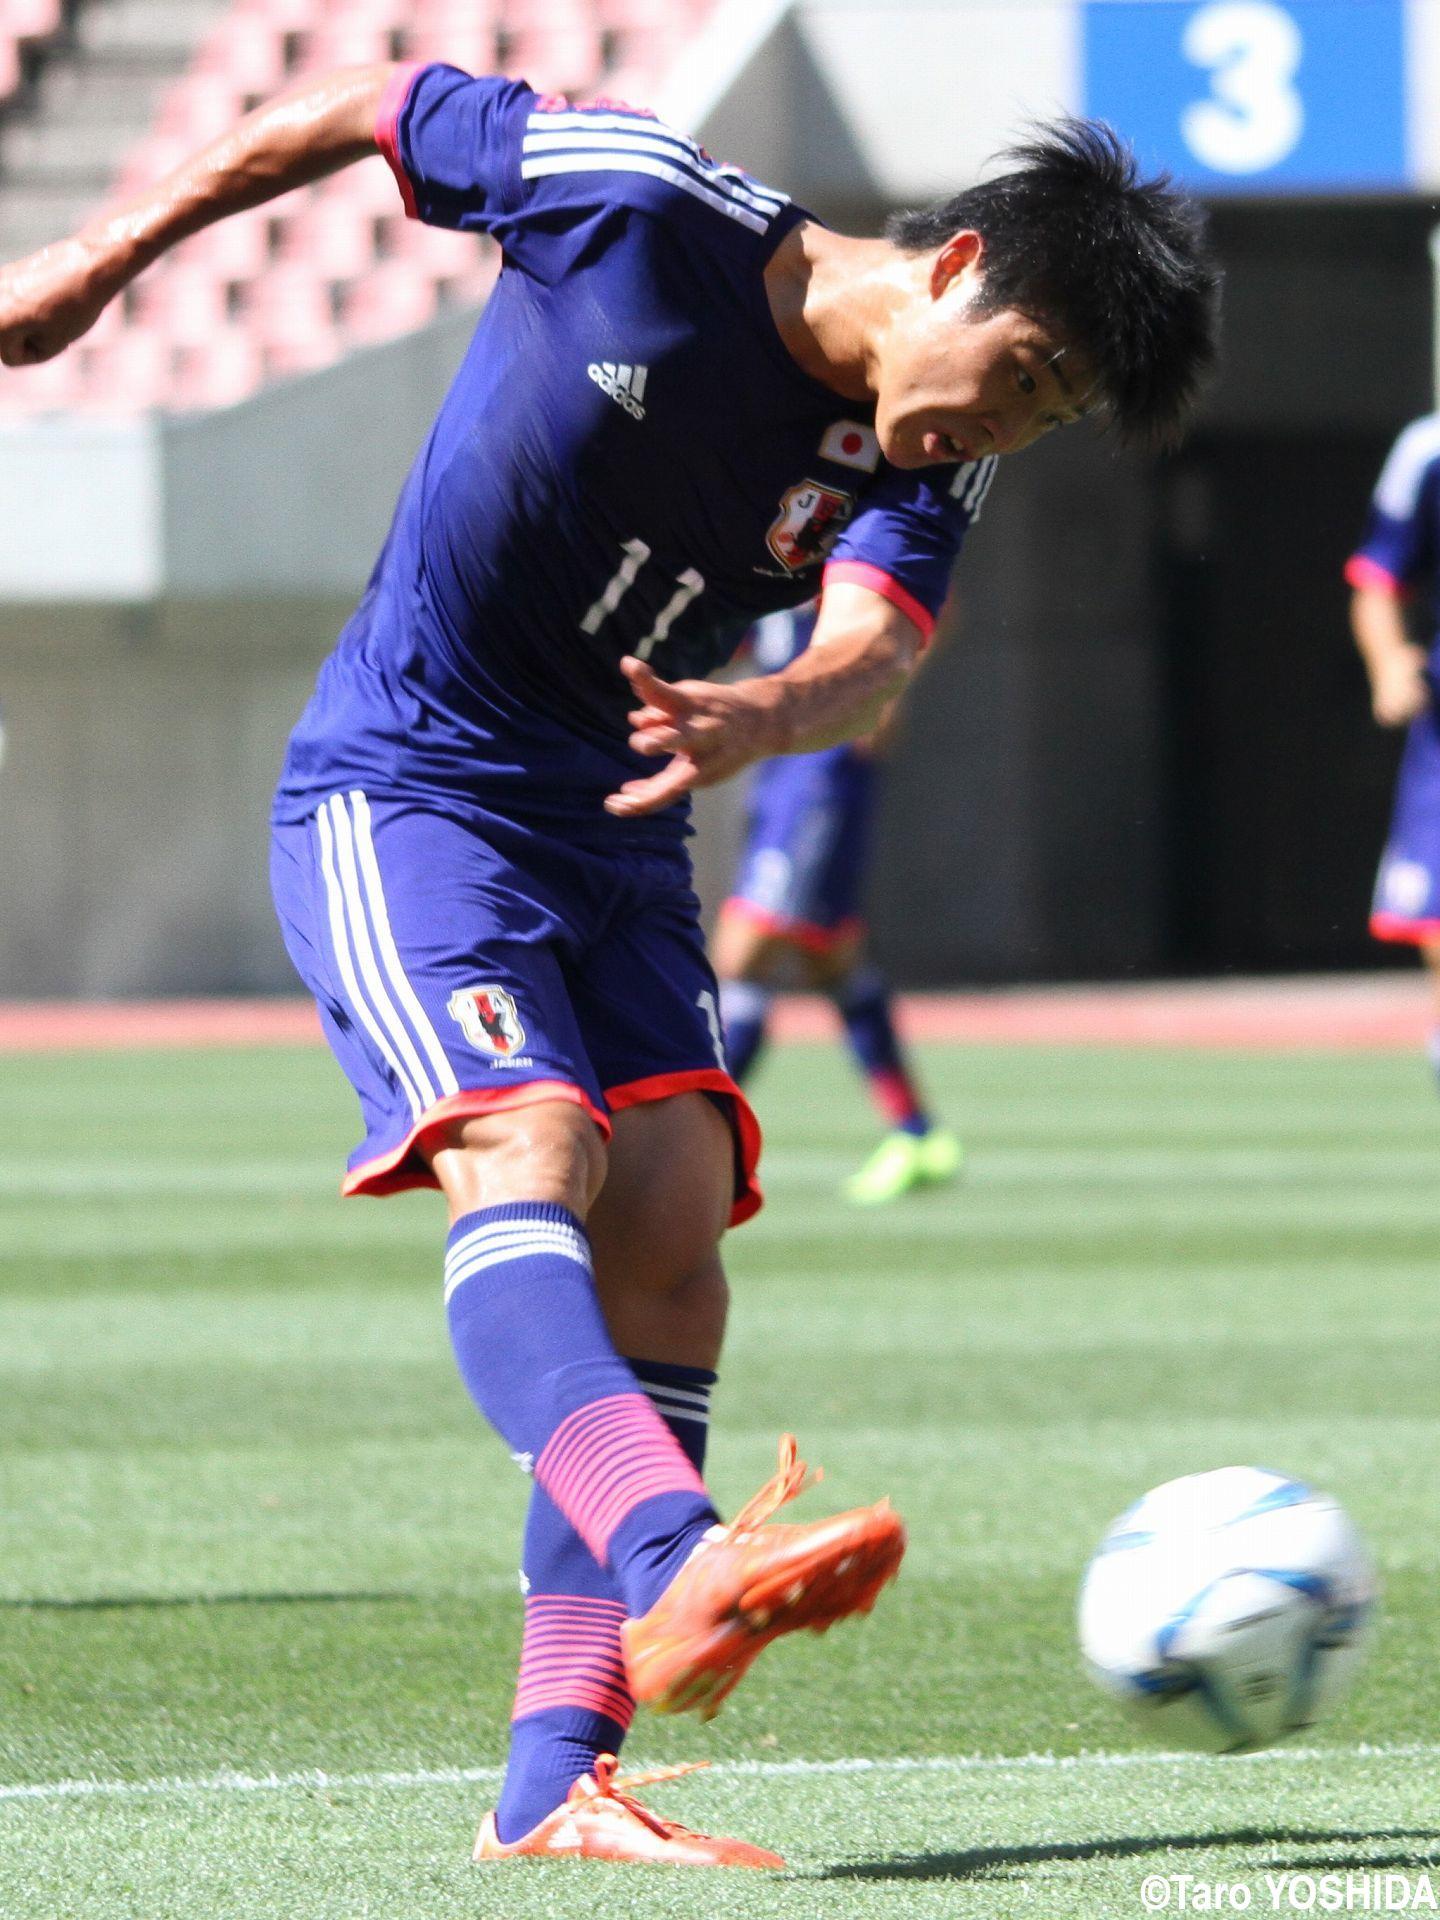 [国際ユースサッカーin新潟]U-17代表で存在感示し続けた注目FW岩崎、この夏は「よりレベルアップして、よりタフに」